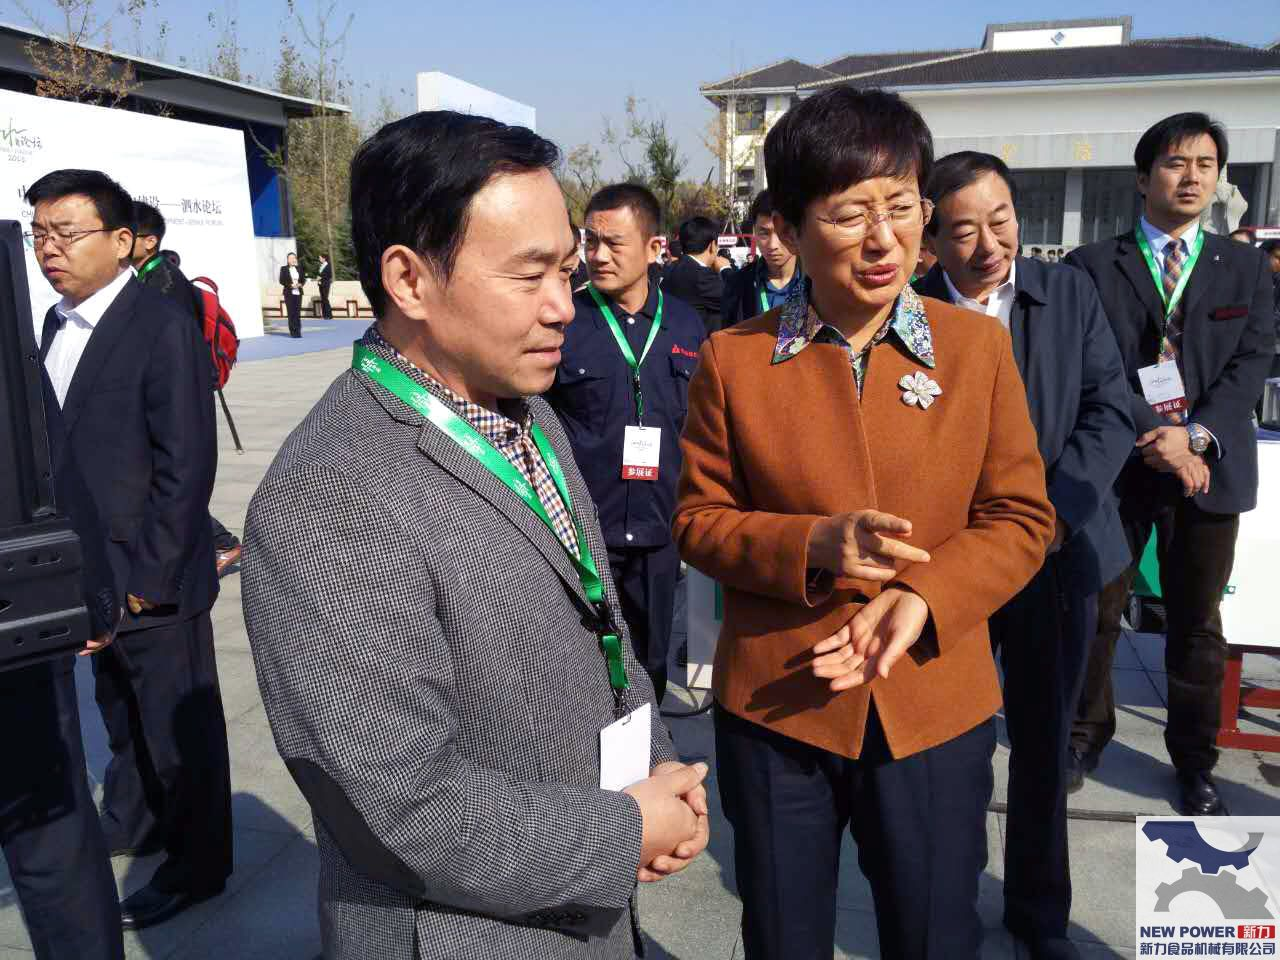 山东省副省长王随莲女士视察泗水新力并与董事长张峻伟先生认真交谈